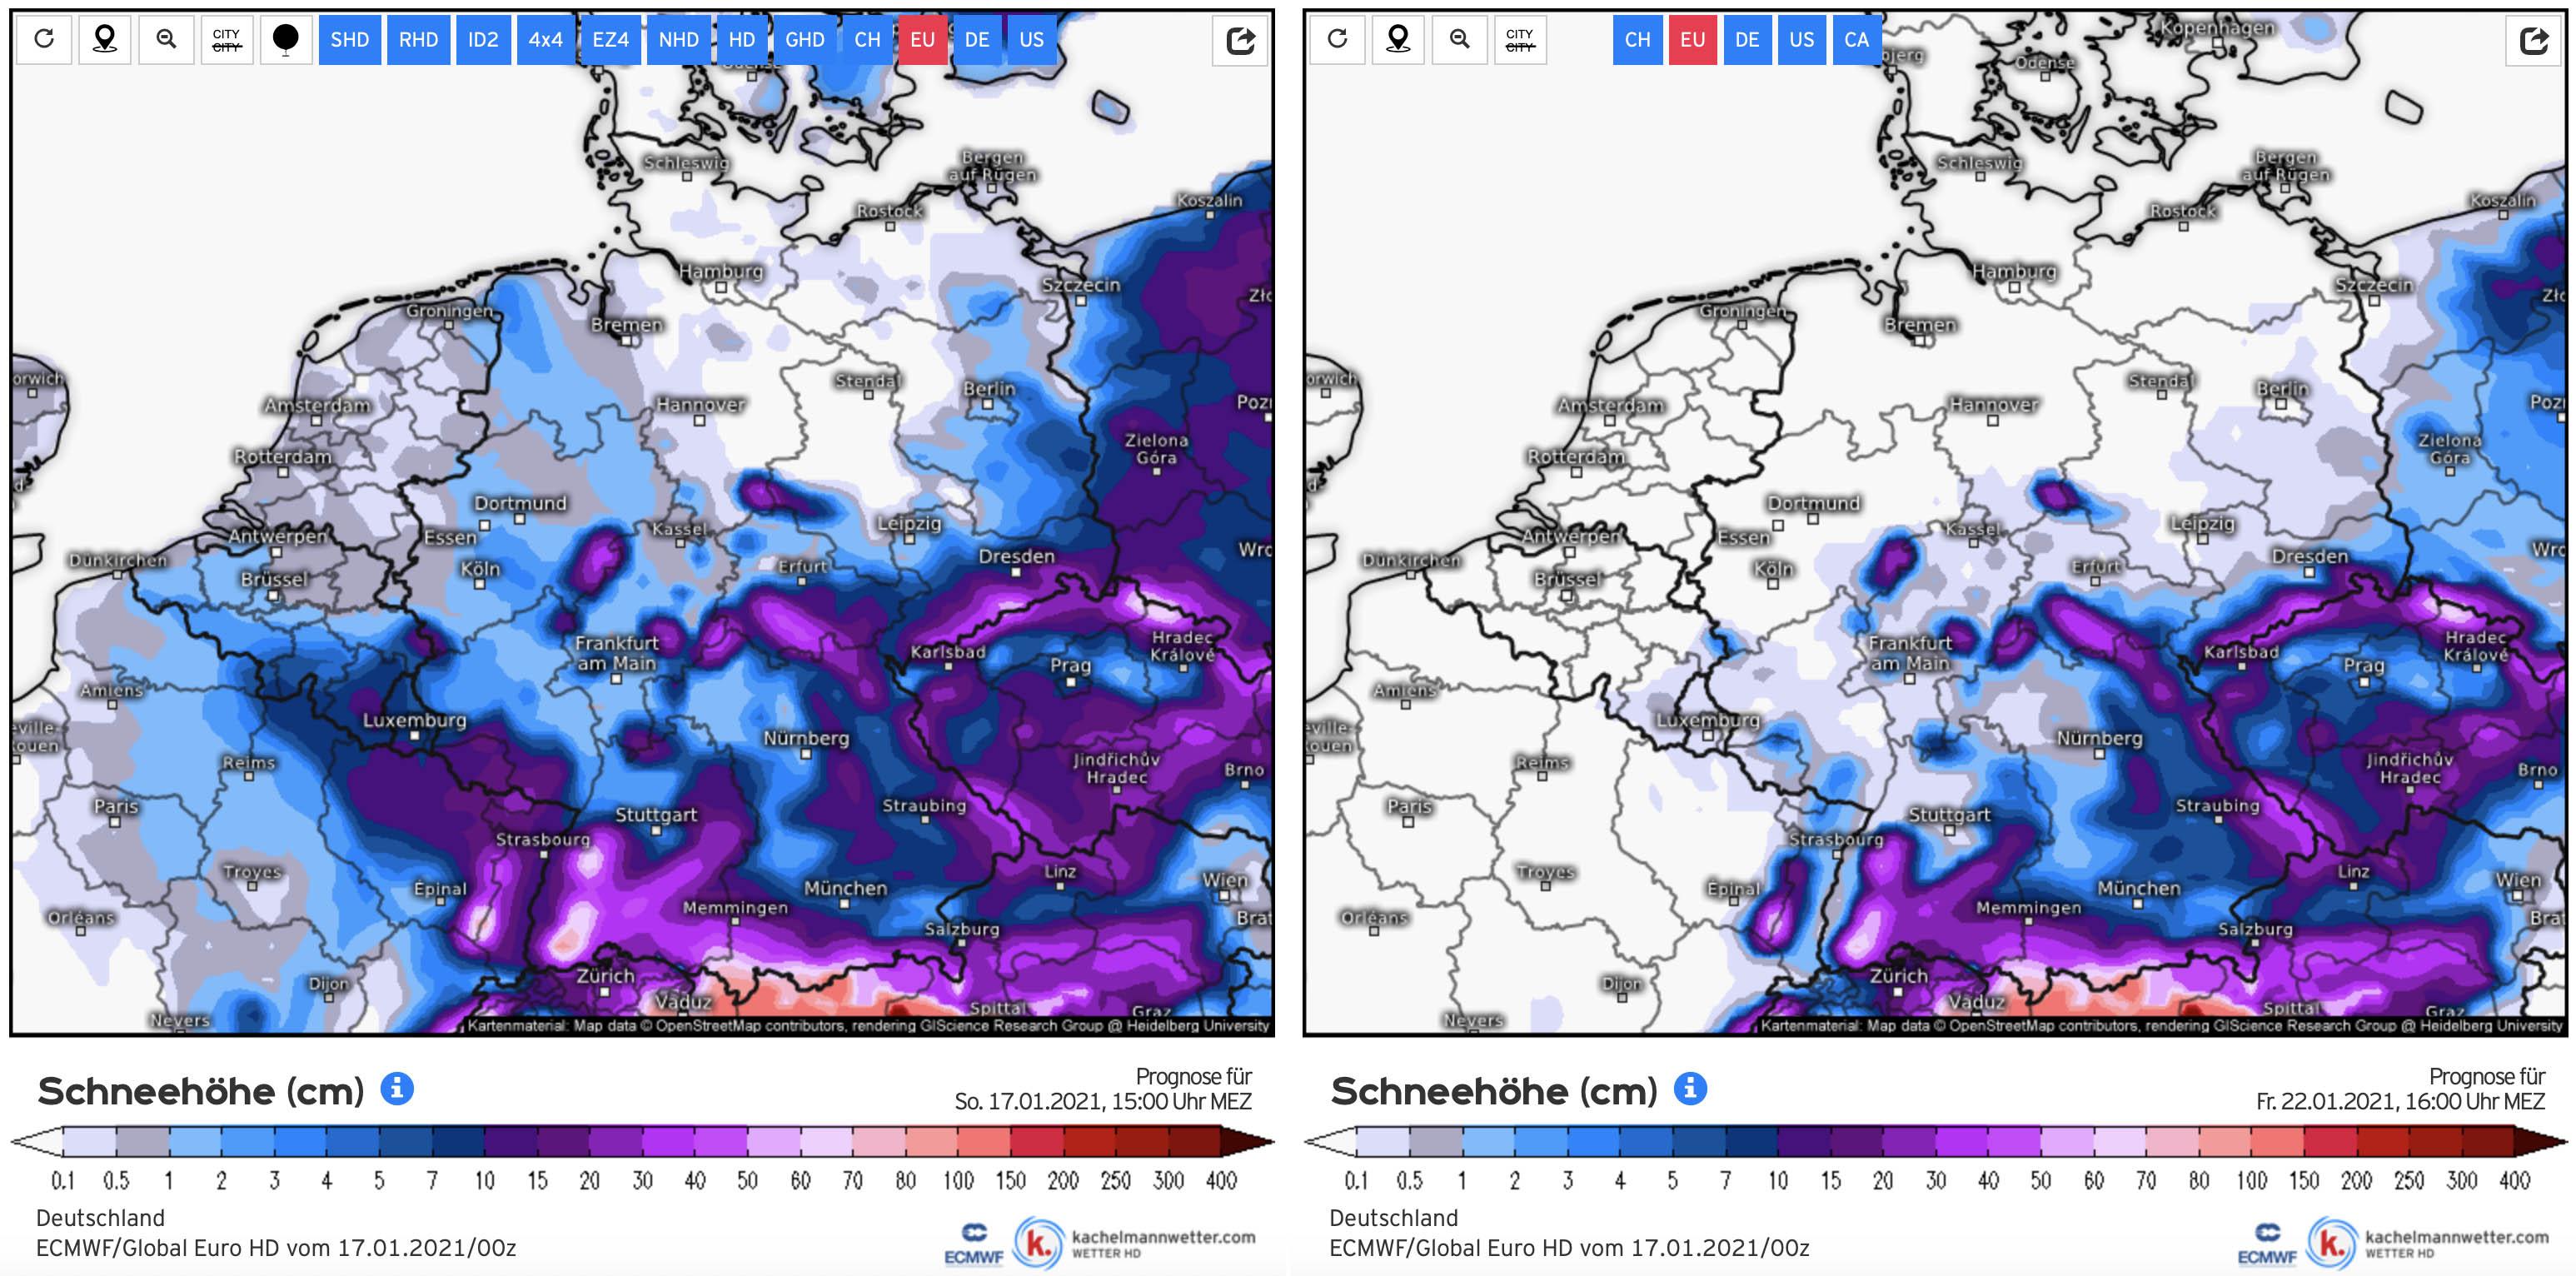 Ontwikkelingen sneeuwdek midden Europa van 17 t/m 22 januari (bron Kachetlmannwetter.com).